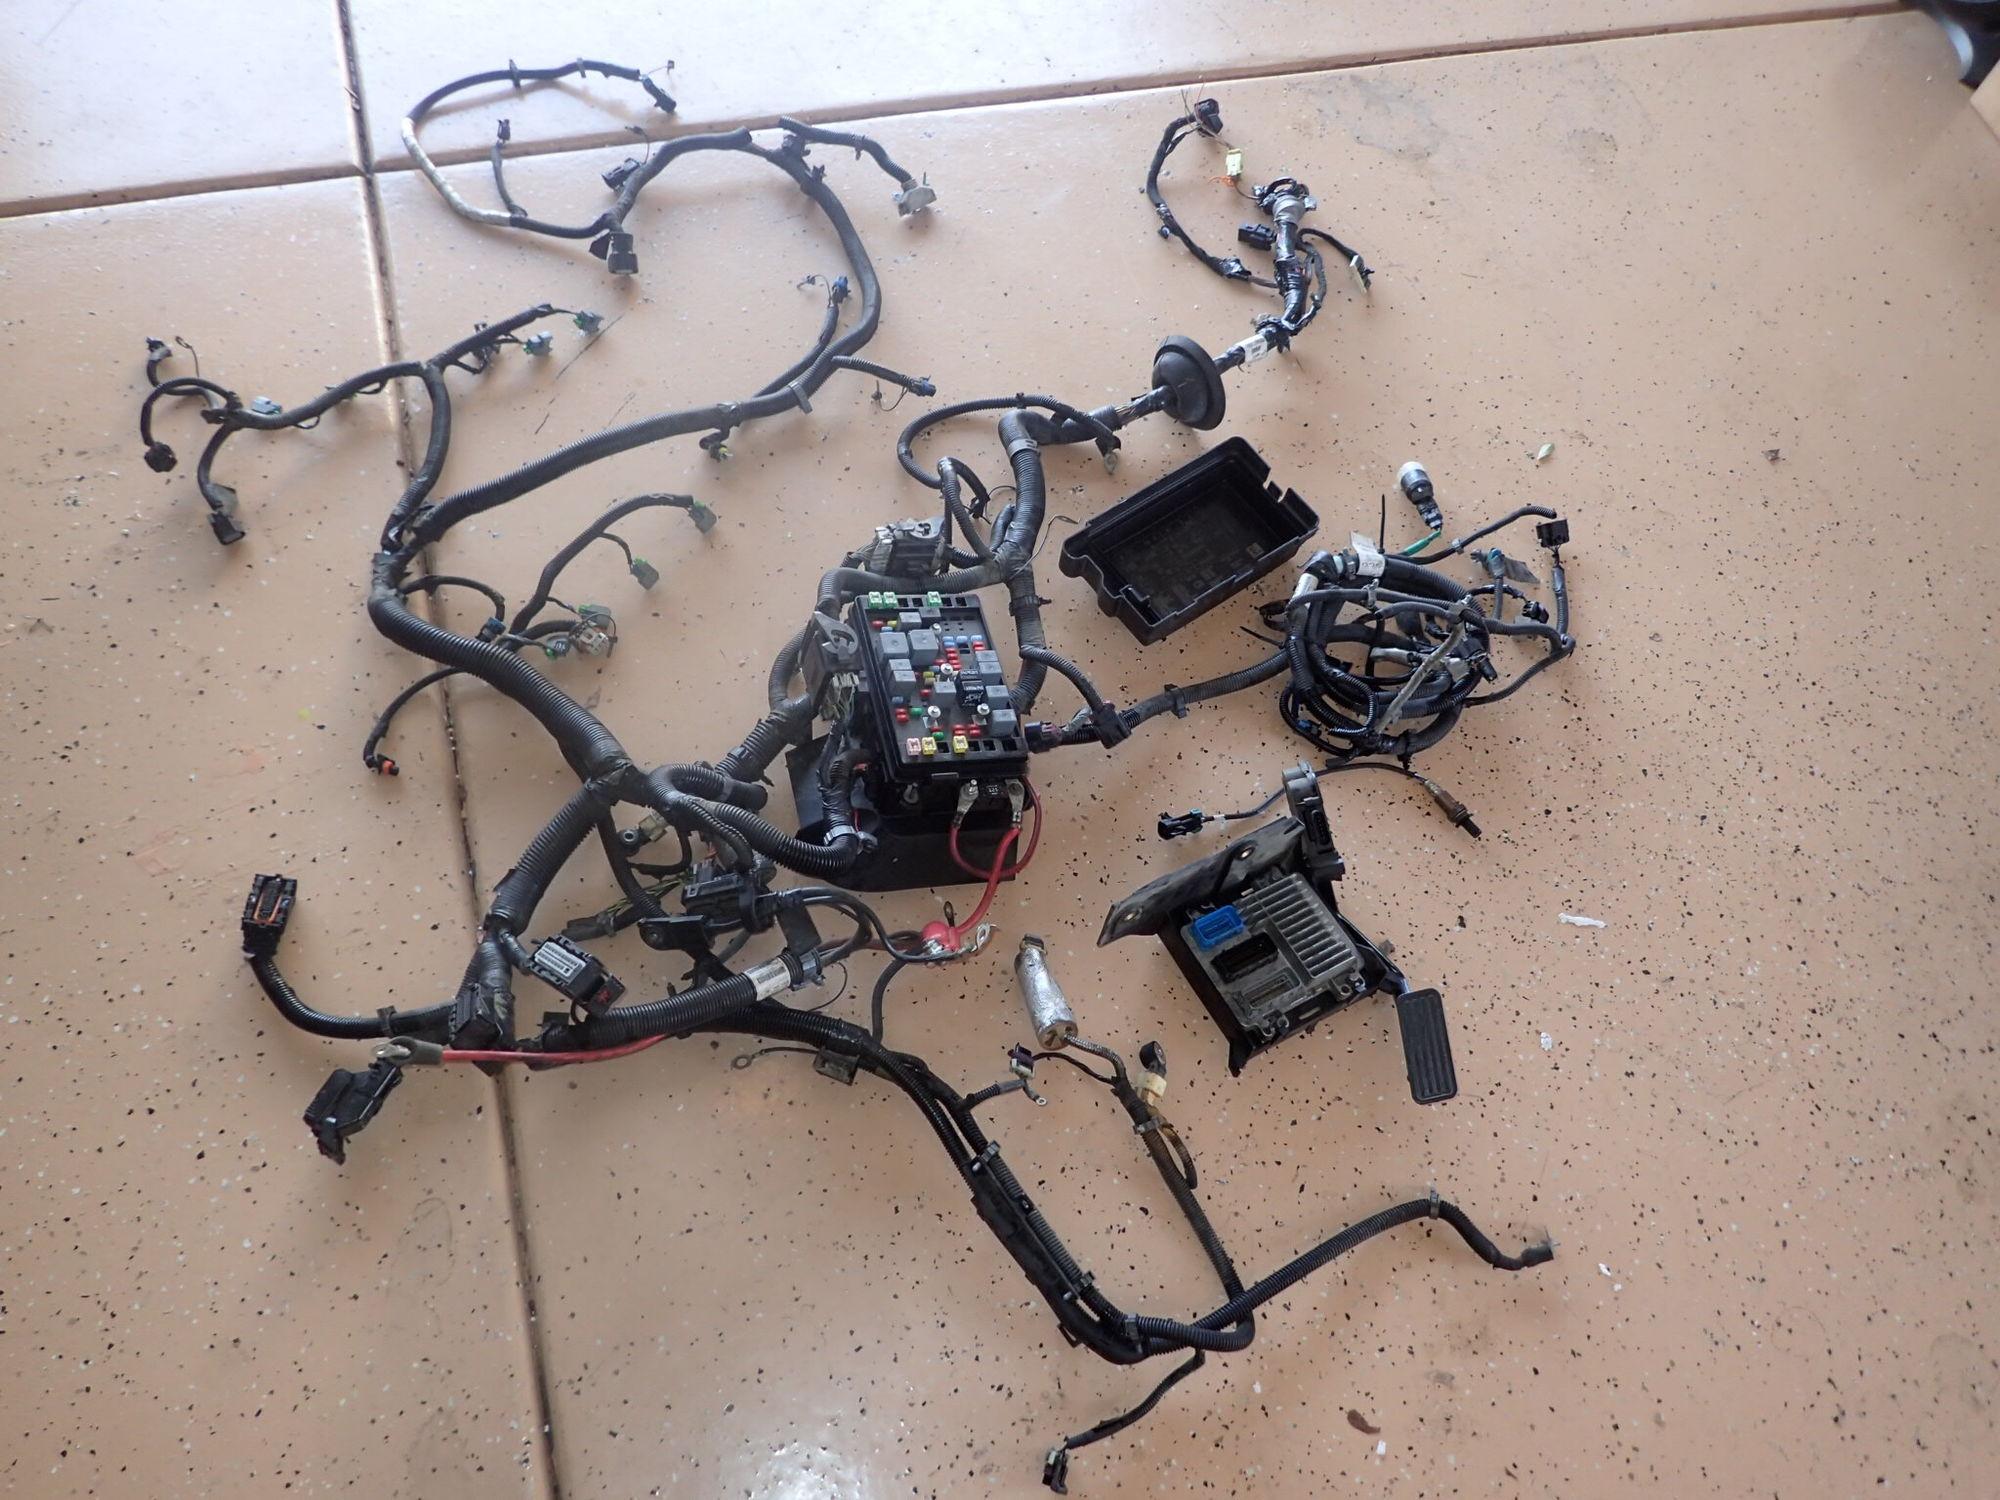 07 Trailblazer Ss Ls2 Wiring Harness